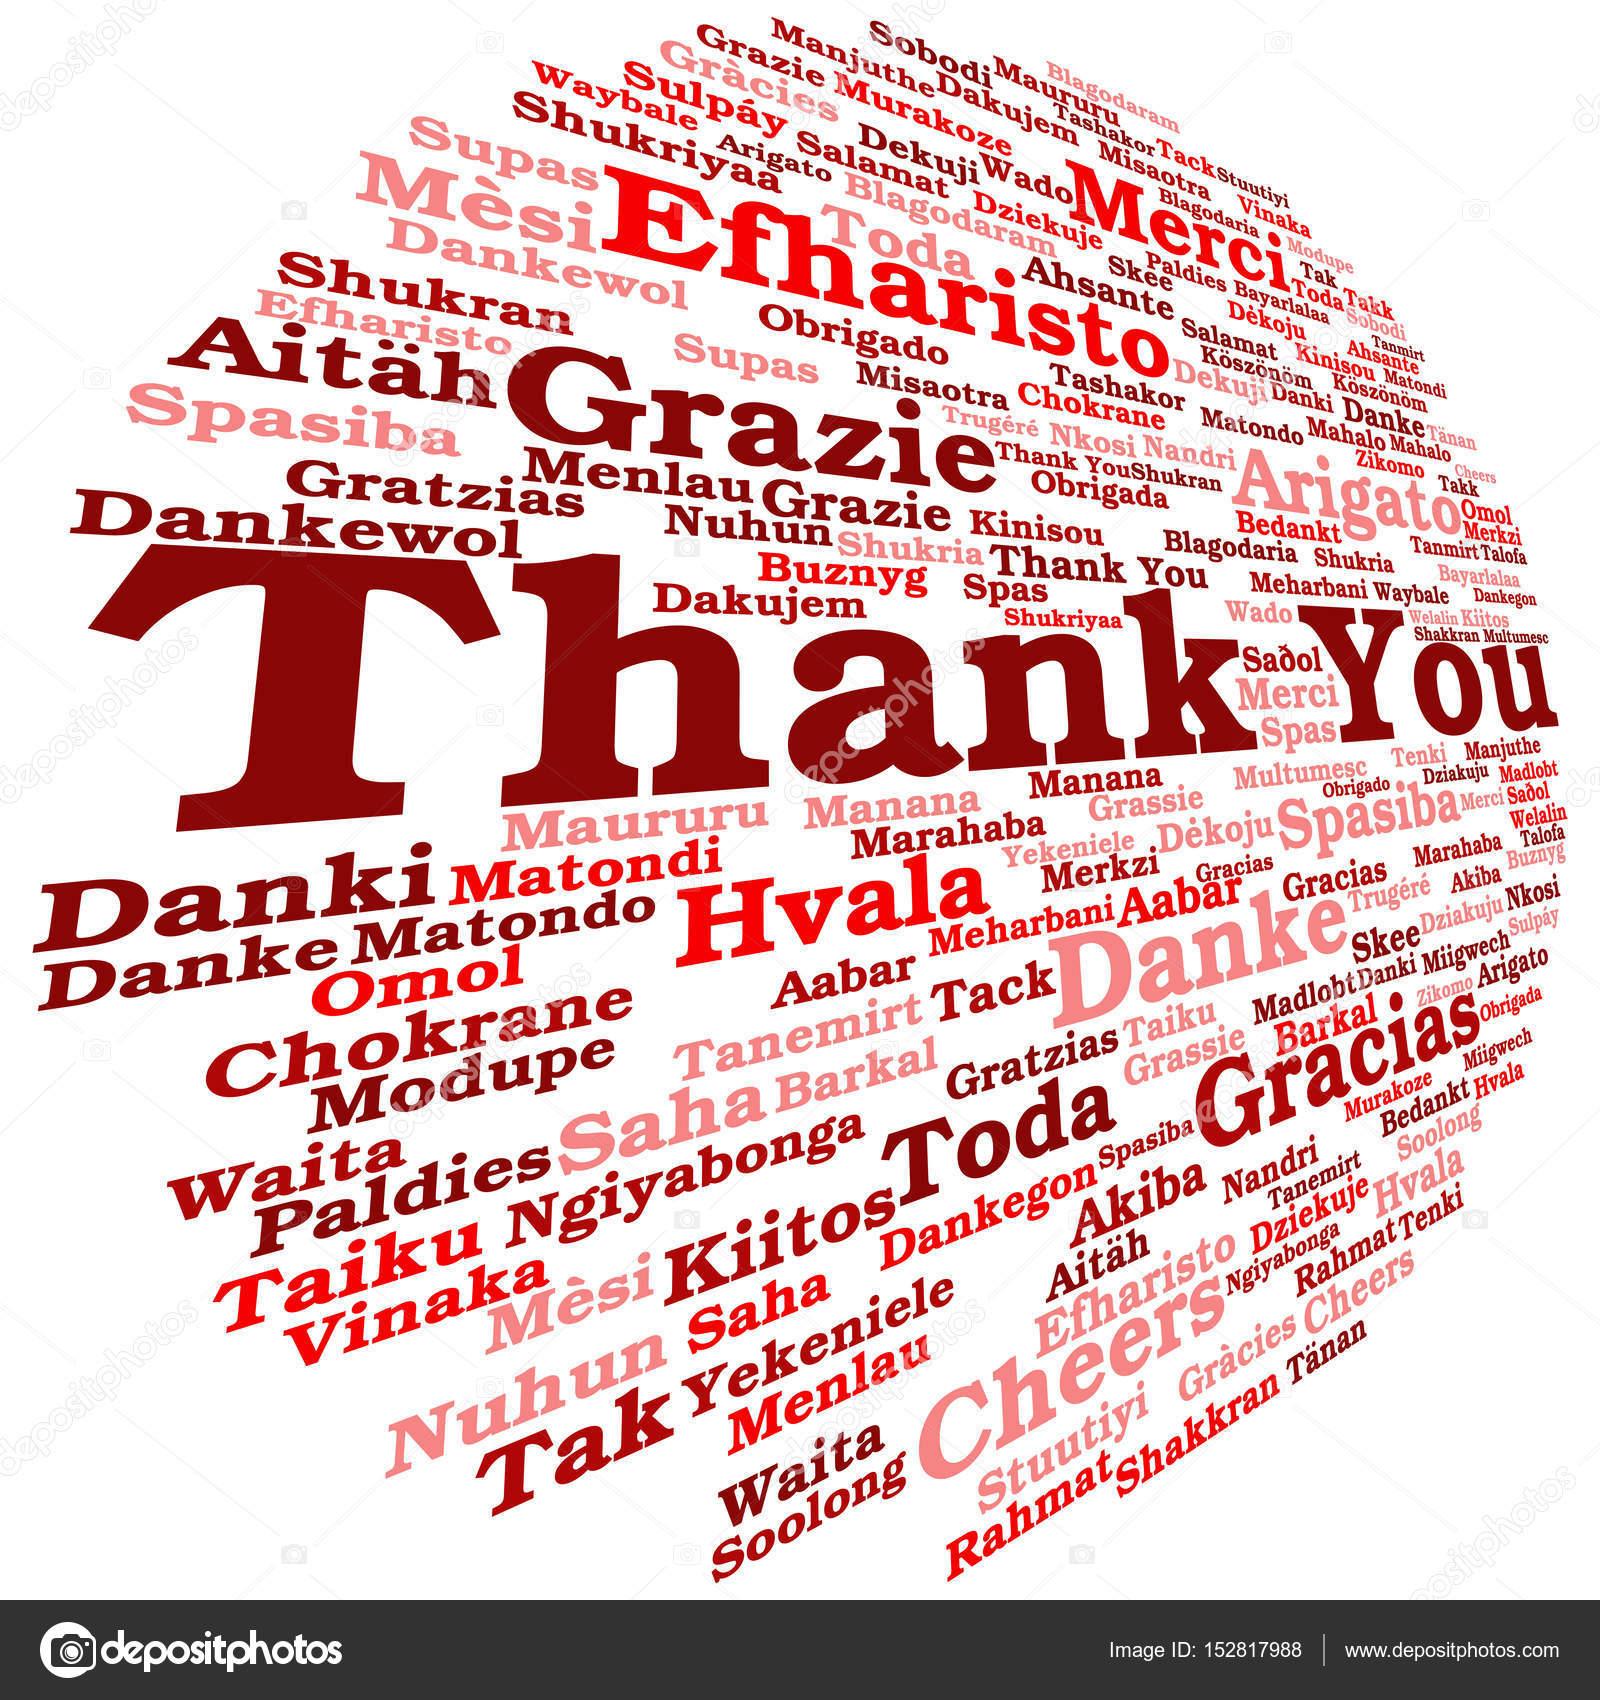 Nube de palabra de Resumen gracias — Foto de stock © design36 #152817988